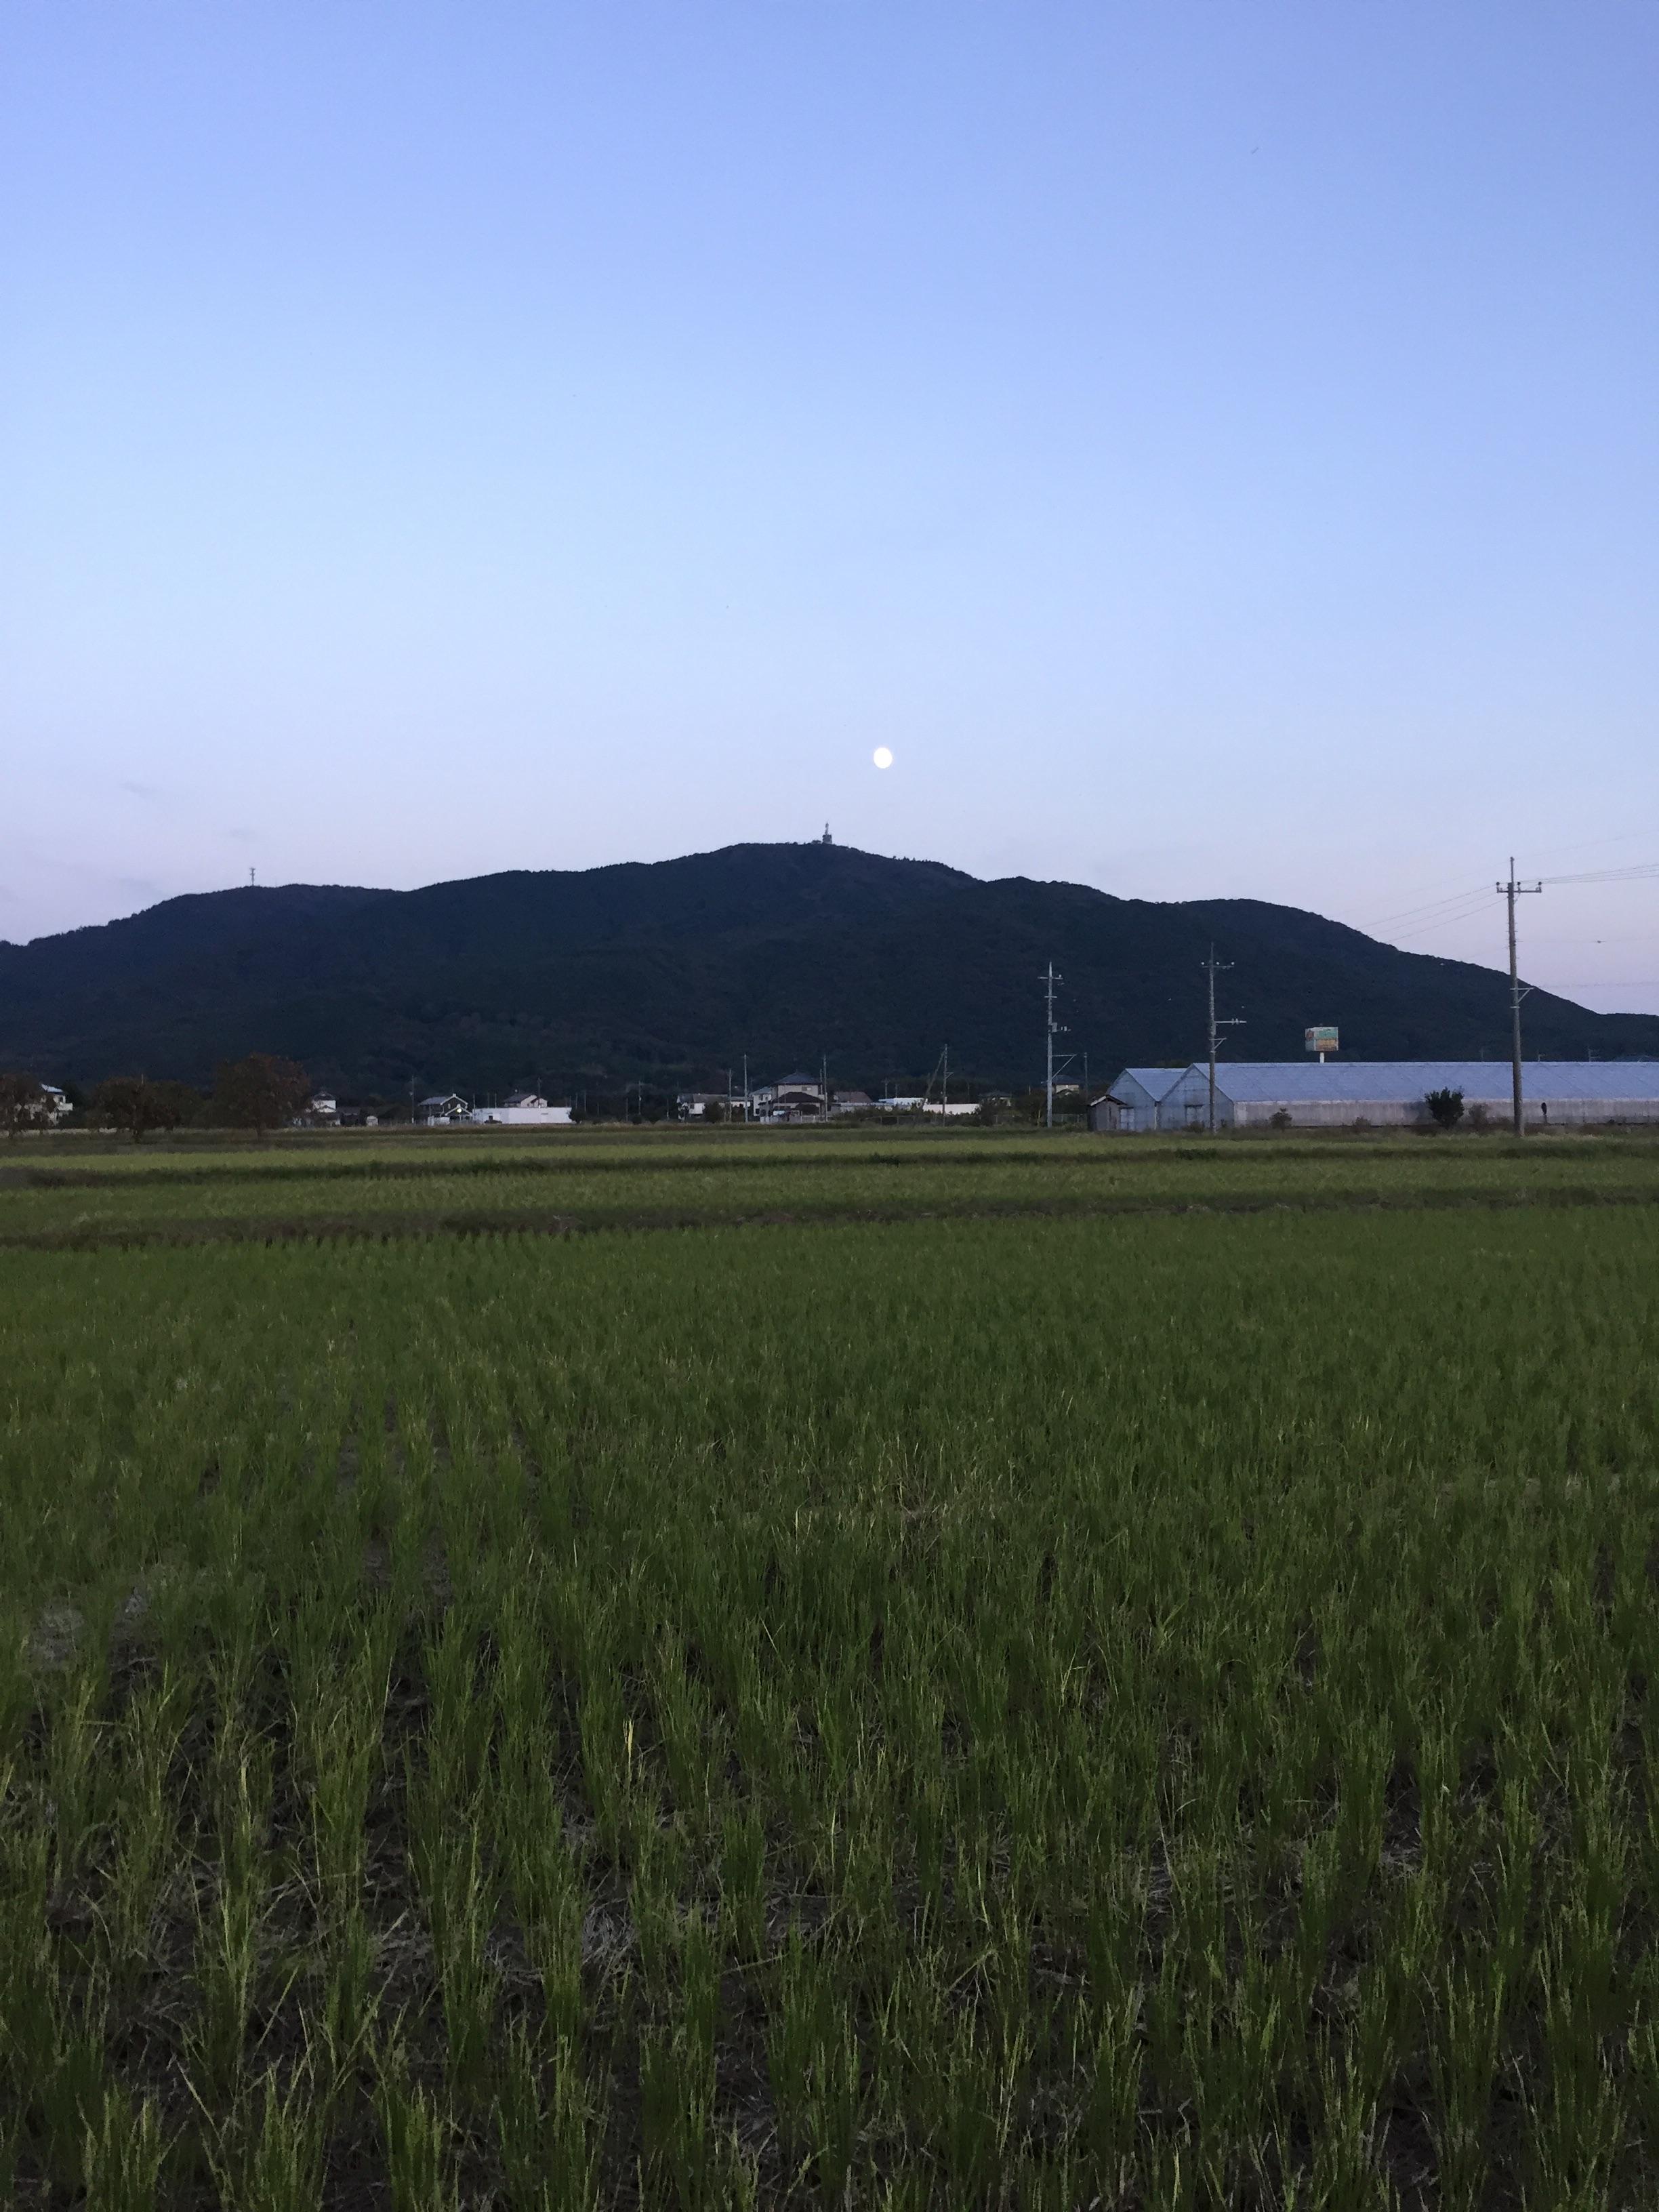 f:id:mfj_maap_jp:20181030154233j:image